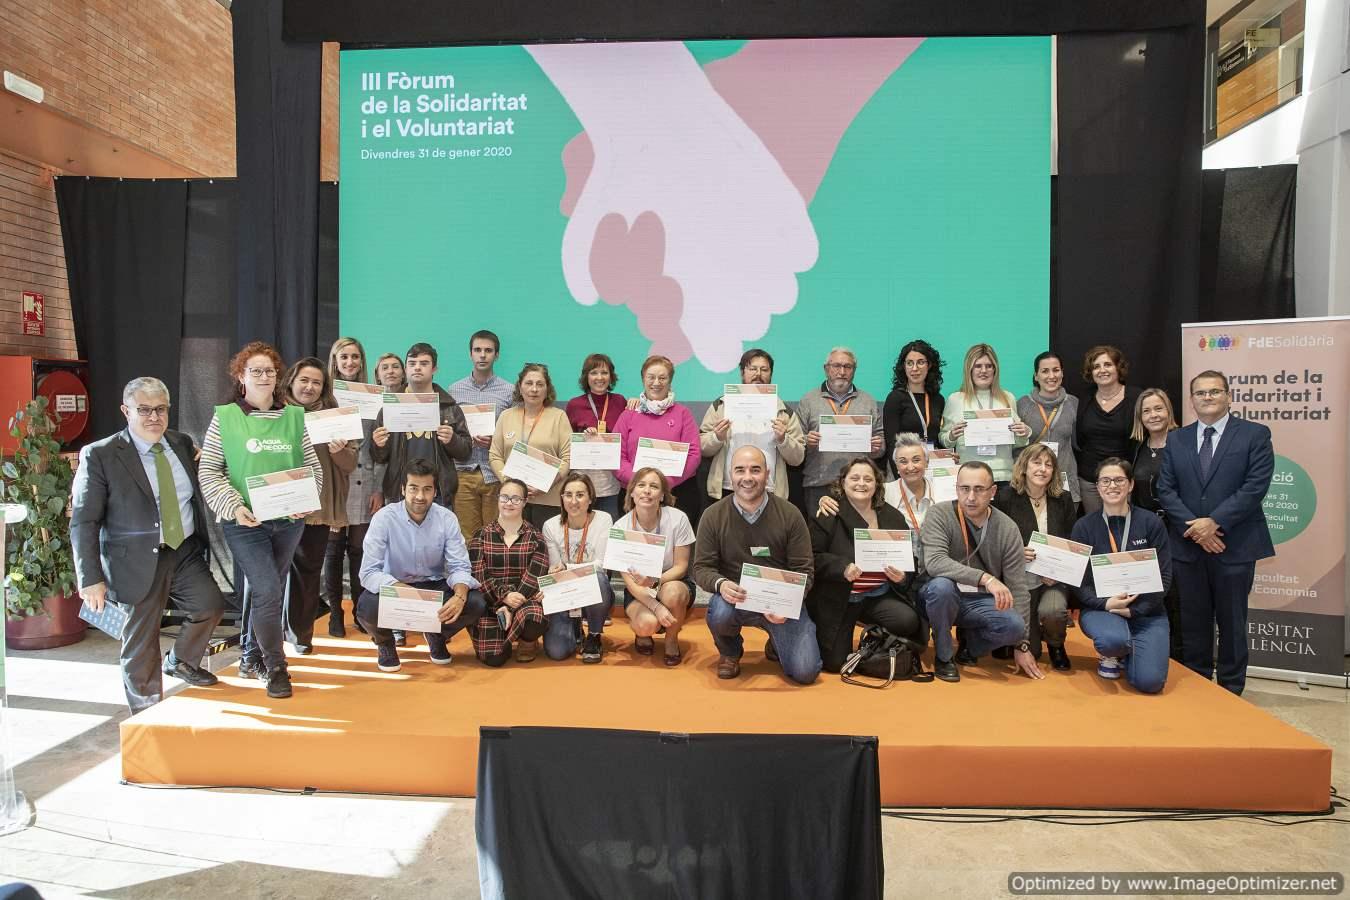 III Fòrum de la Solidaritat i el Voluntariat - imatge 0